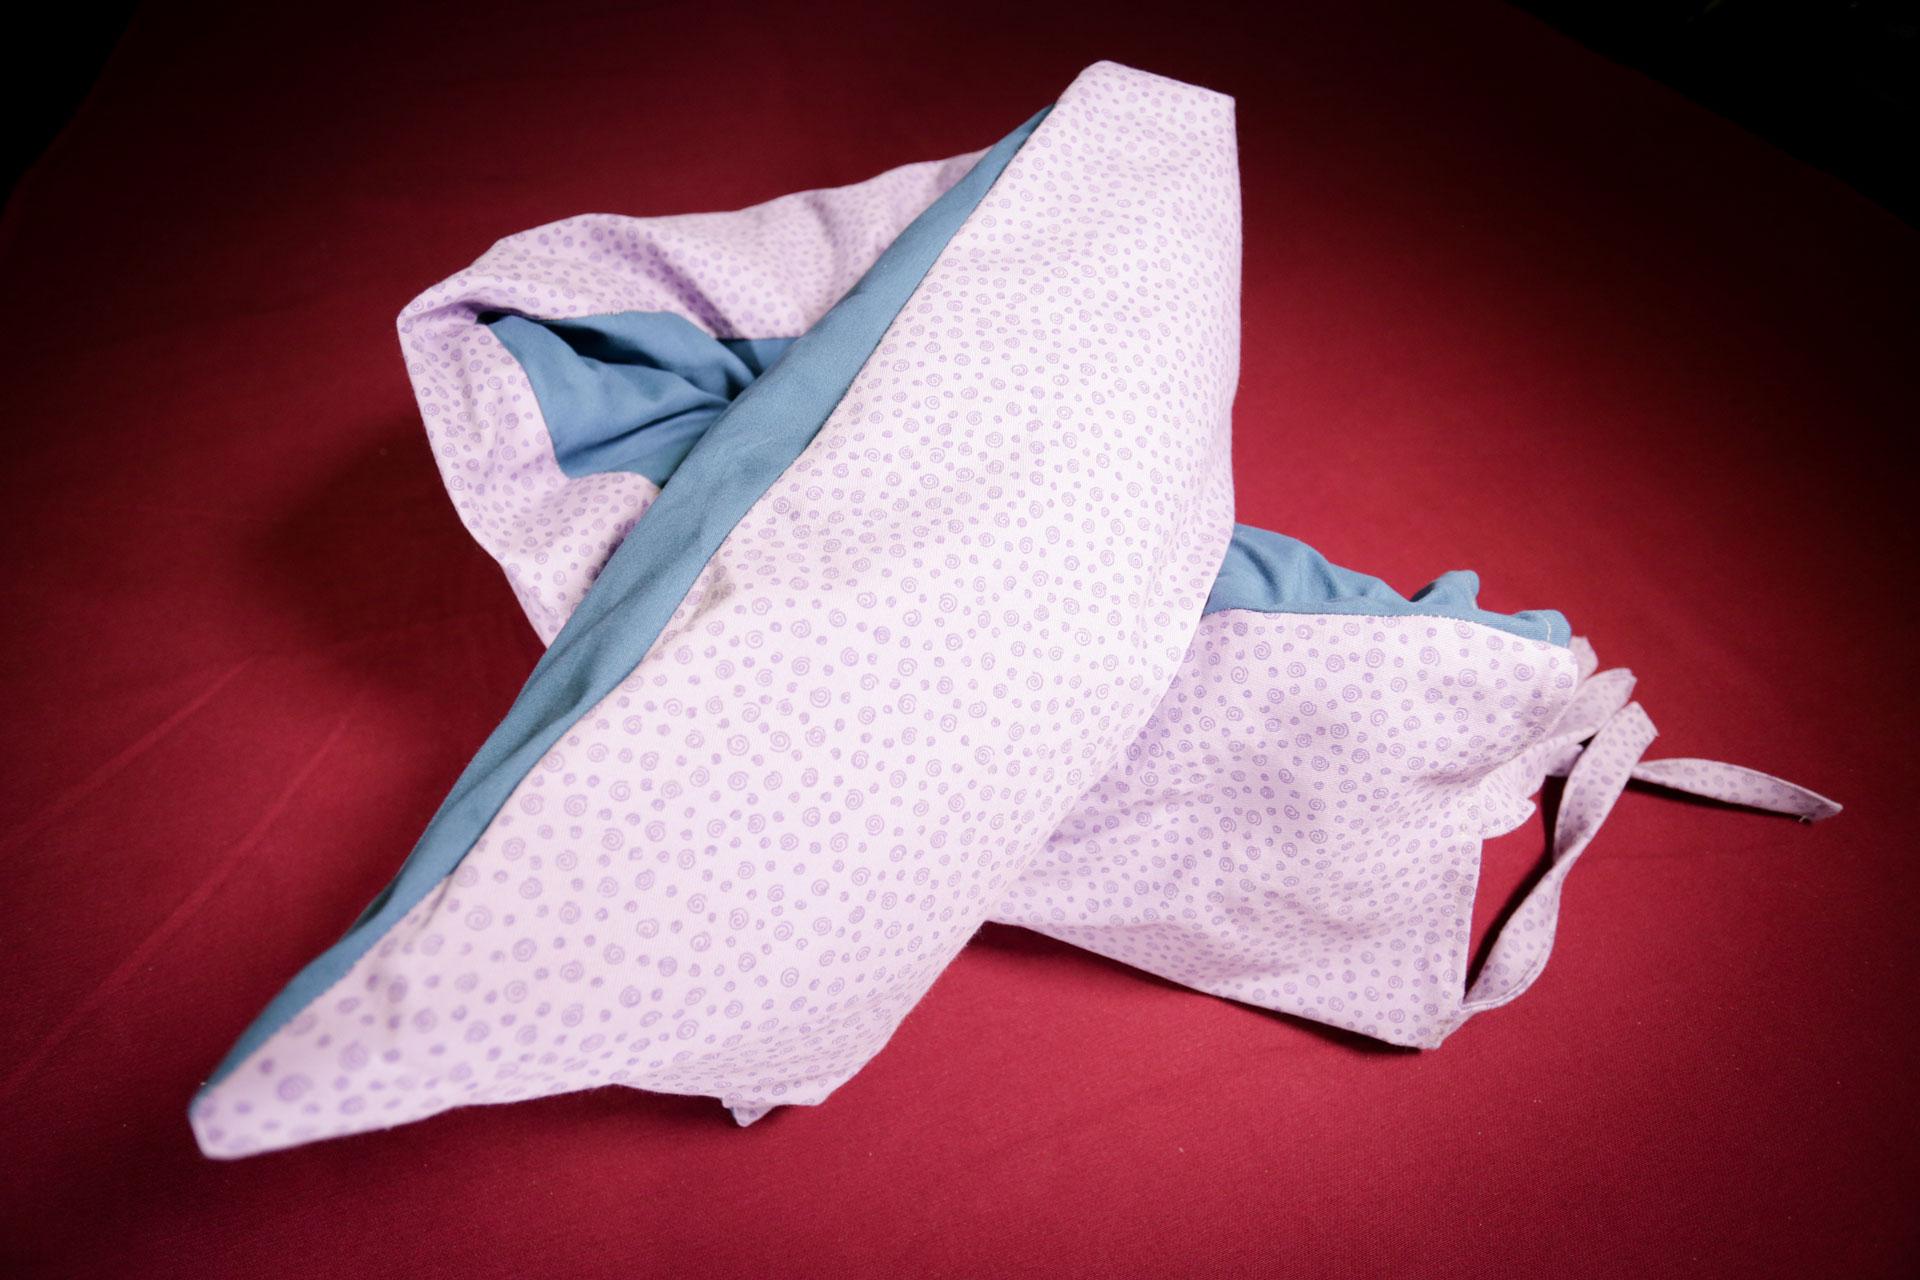 Cuscino Di Miglio Per Neonati.Bimbi E Mamme Dormiglio Cuscini